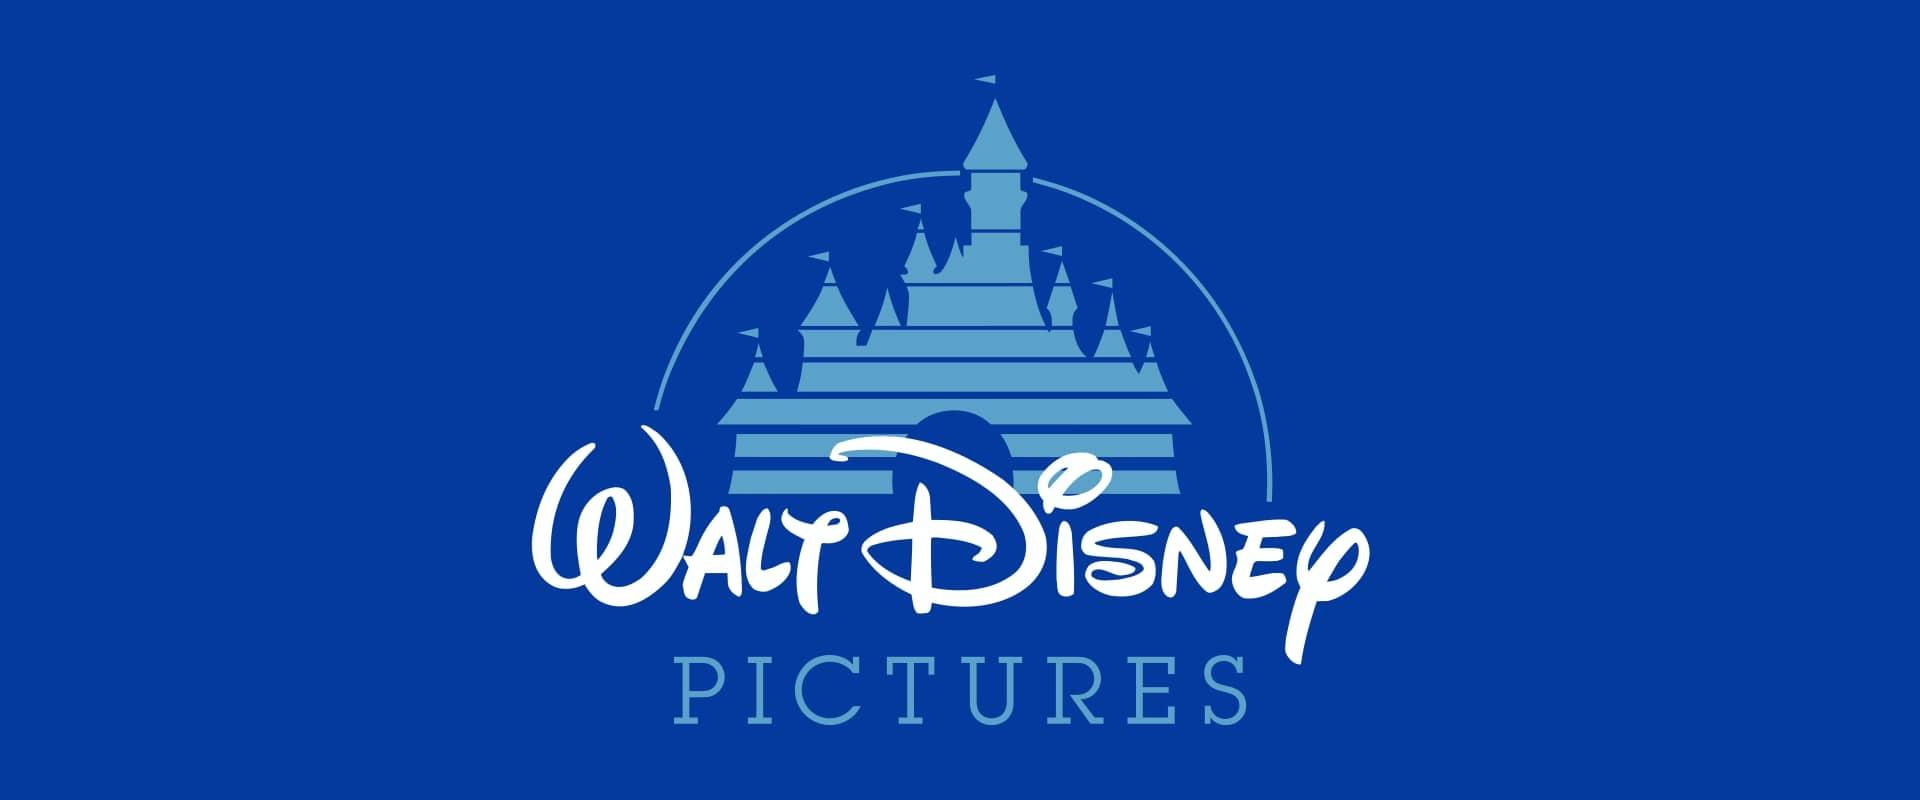 Walt Disney Pictures logo | Disney Wiki | FANDOM powered by Wikia for Disney Pixar Logo Castle  570bof